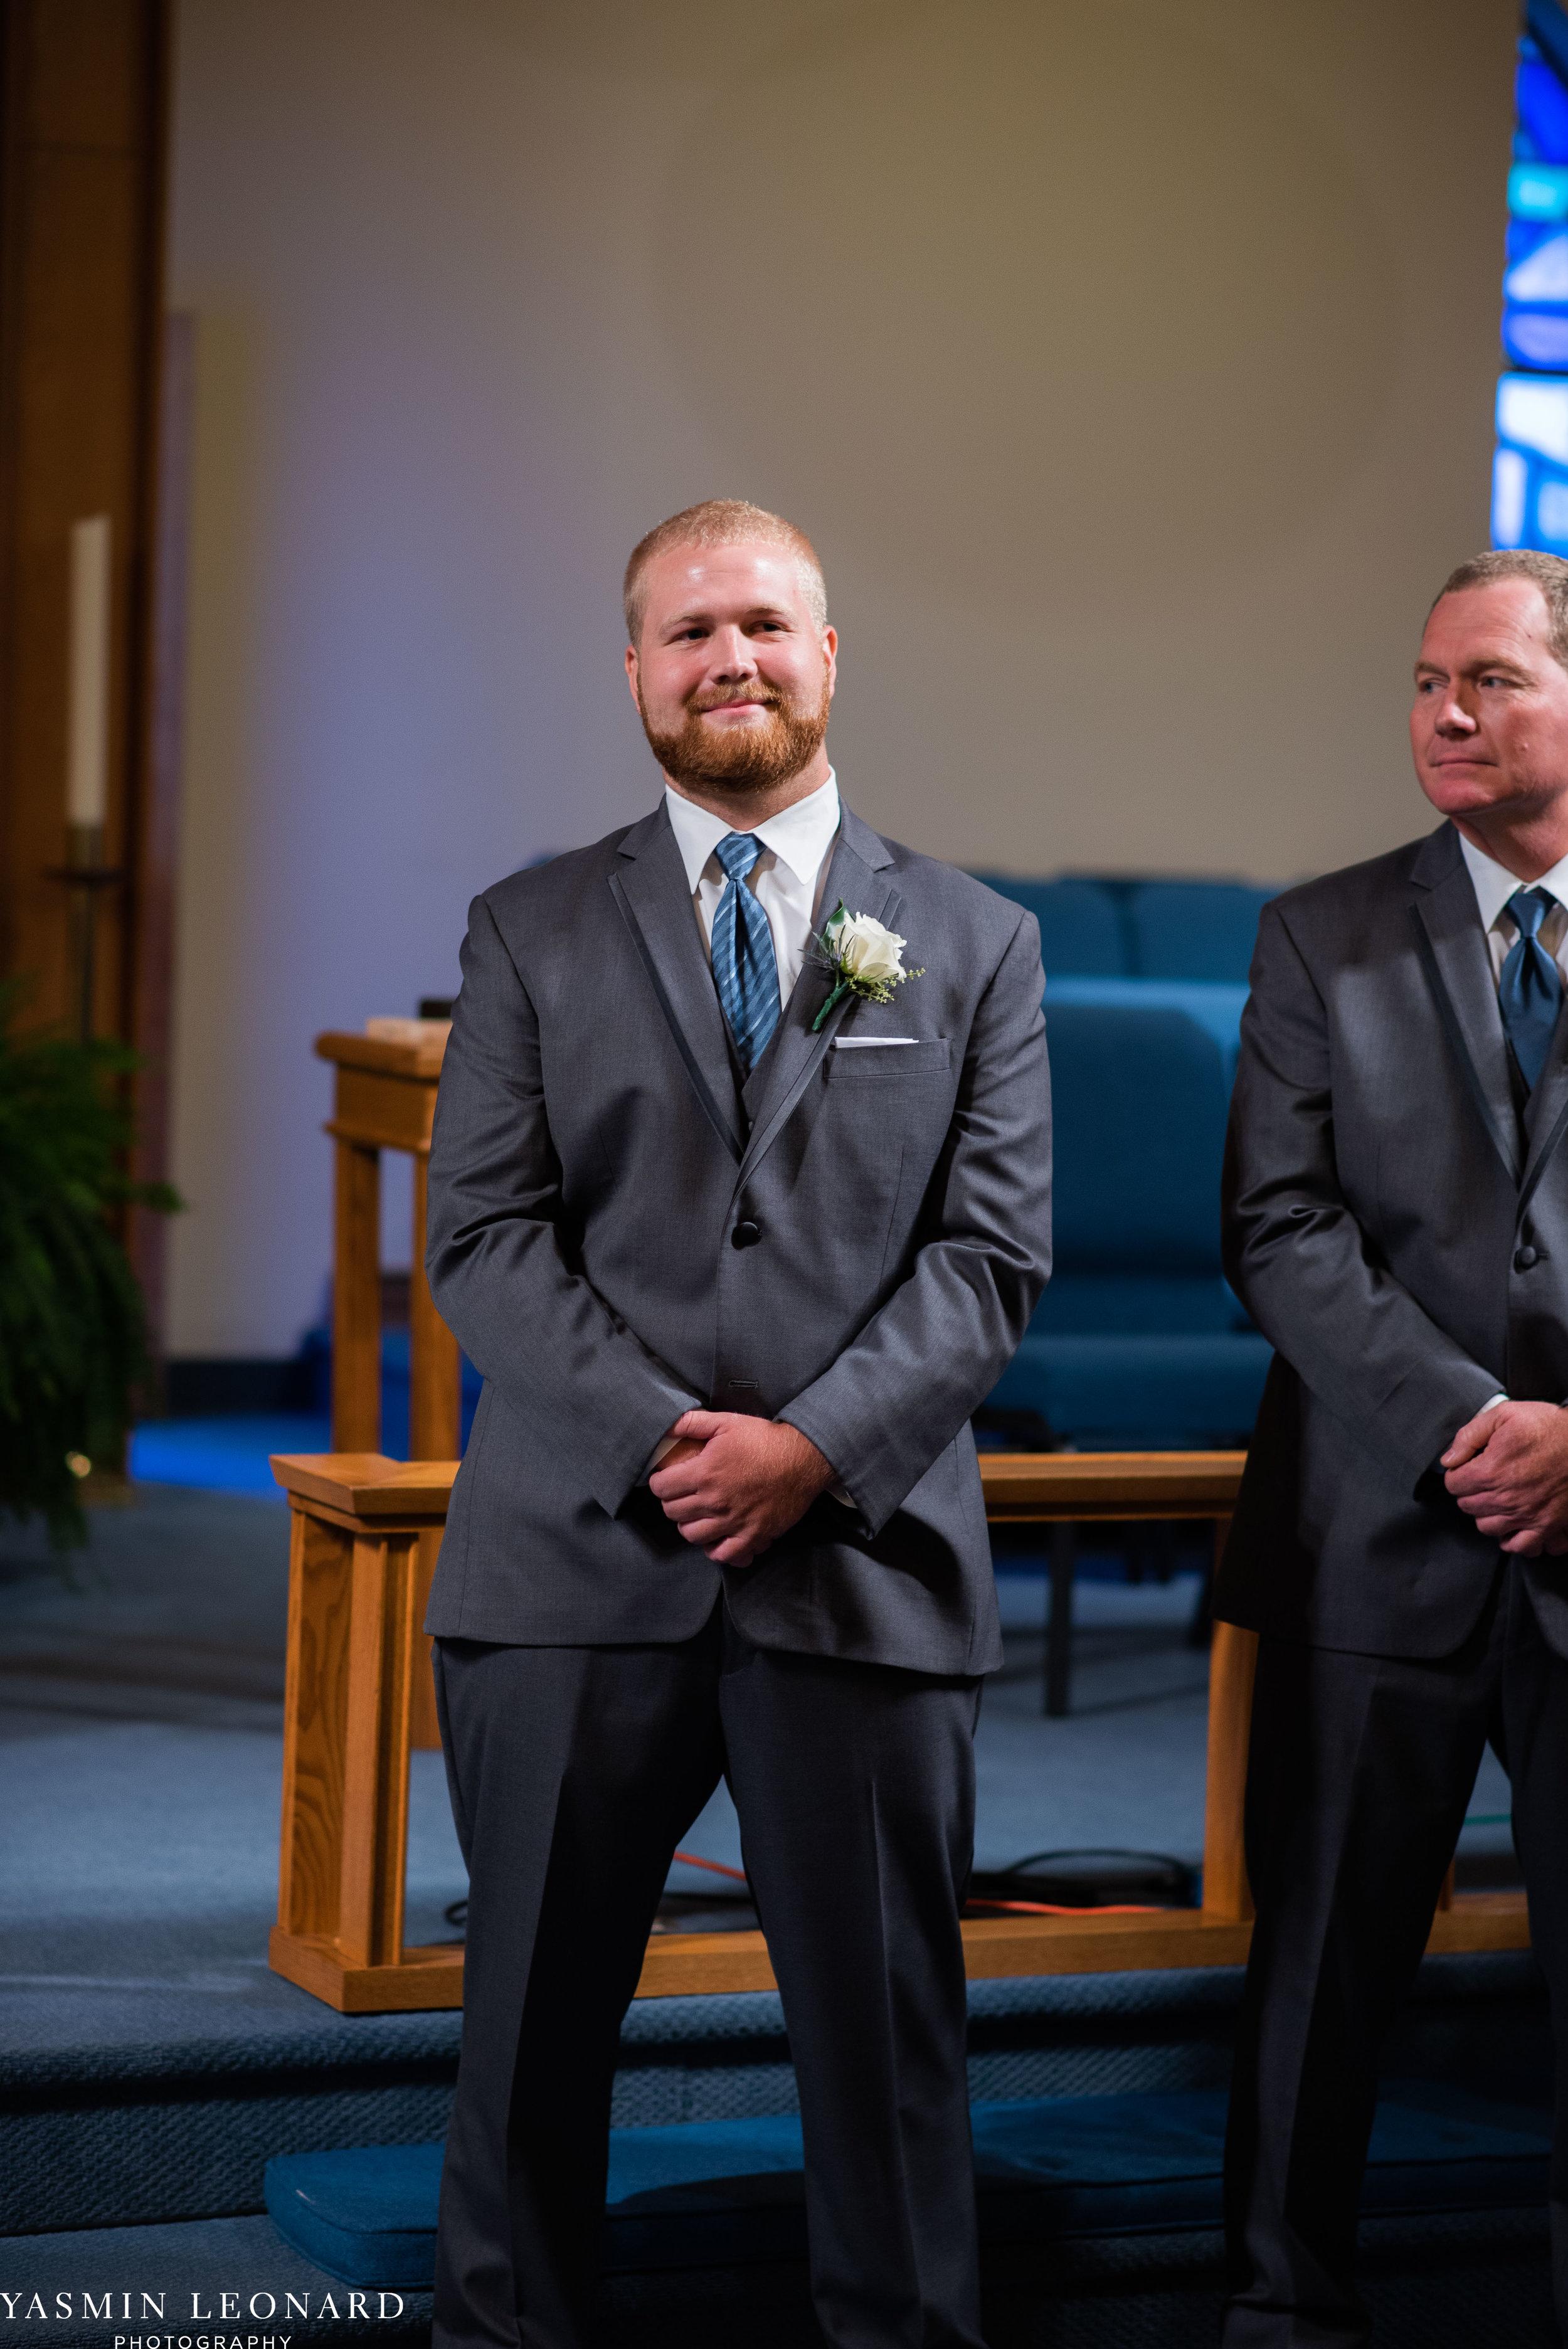 Mt. Pleasant Church - Church Wedding - Traditional Wedding - Church Ceremony - Country Wedding - Godly Wedding - NC Wedding Photographer - High Point Weddings - Triad Weddings - NC Venues-21.jpg